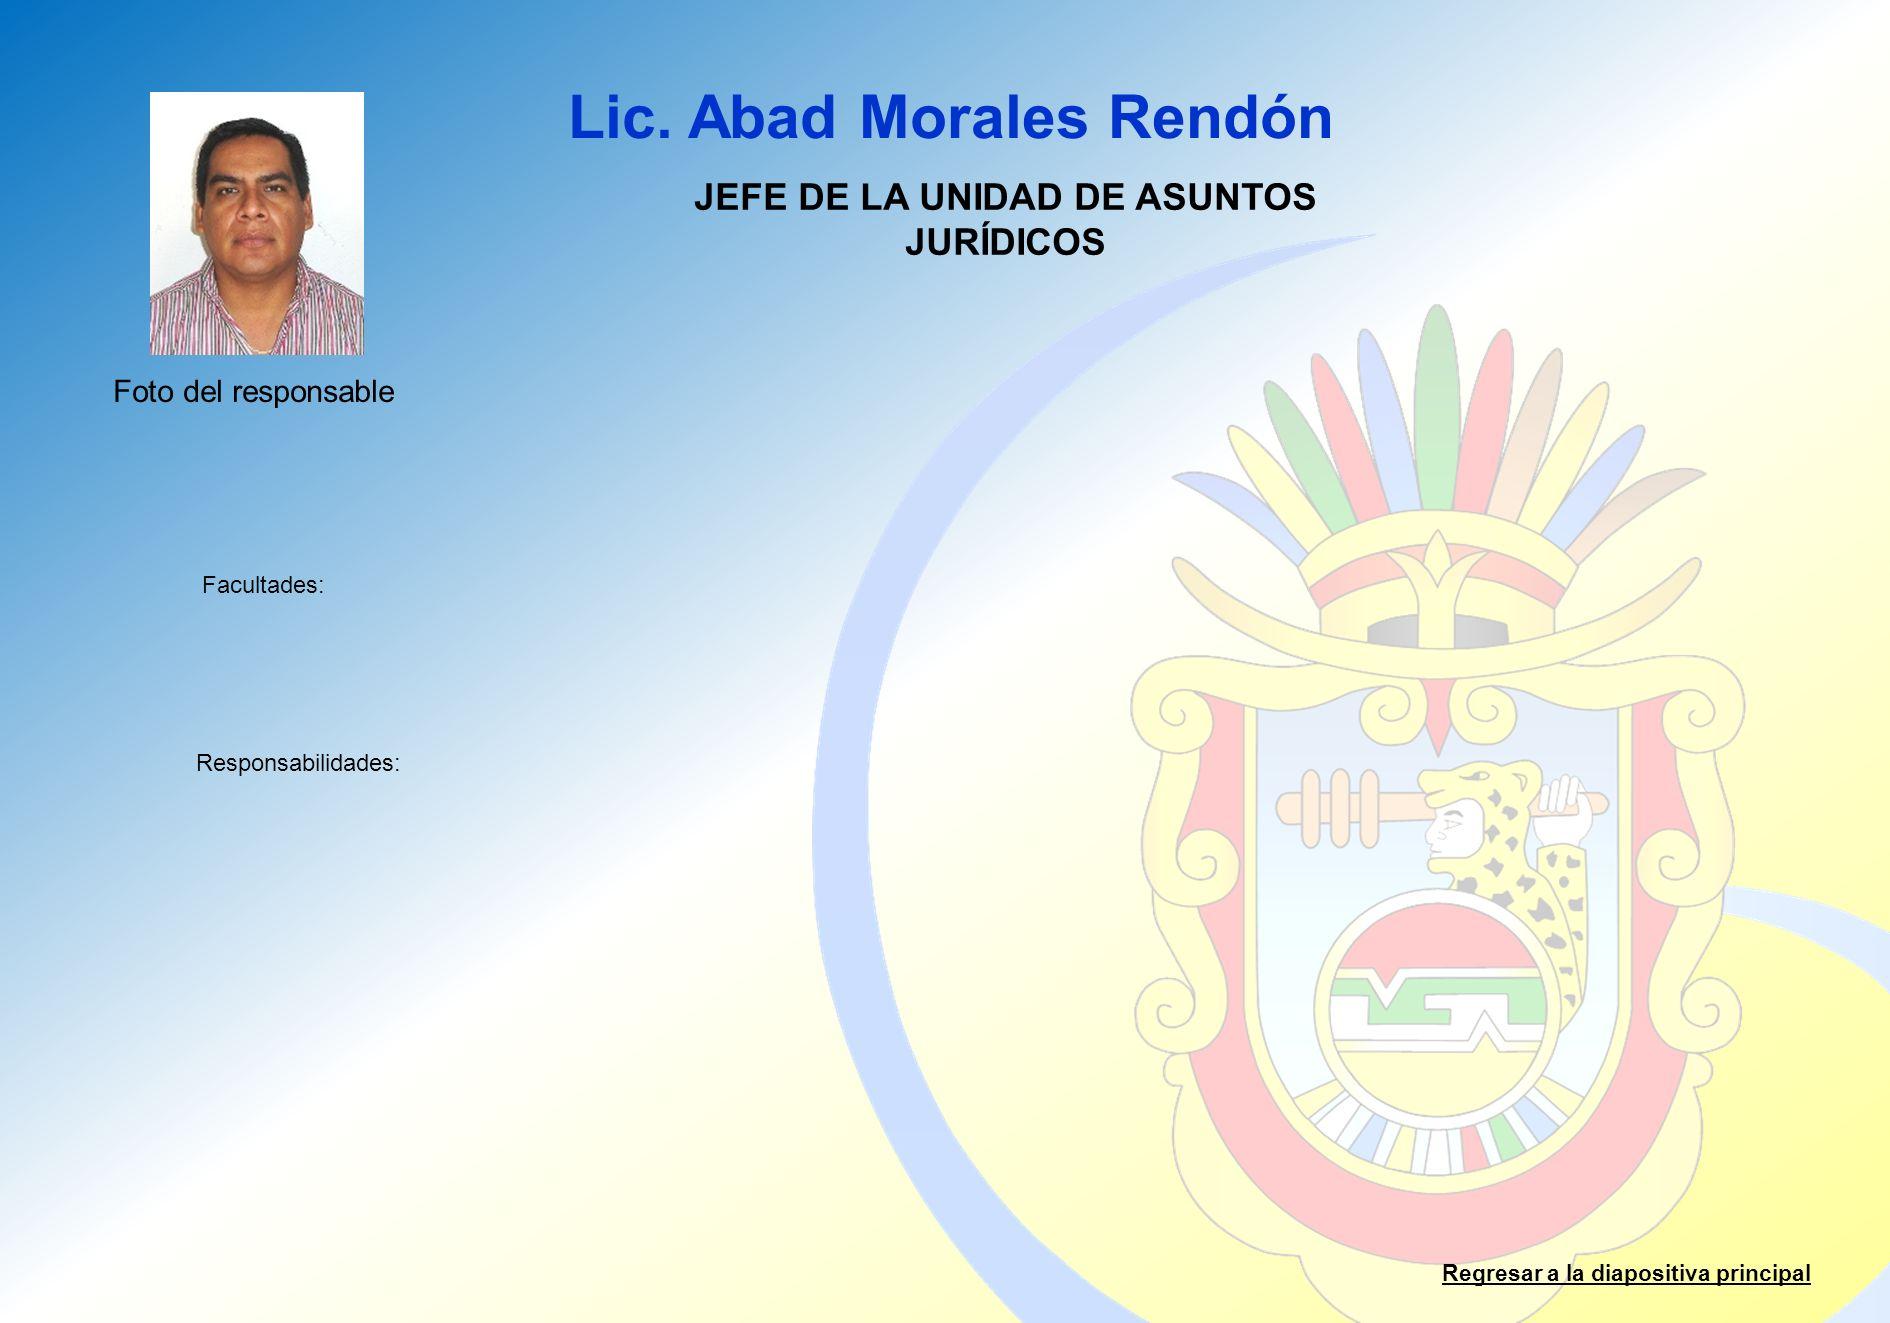 Lic. Abad Morales Rendón Facultades: Responsabilidades: Regresar a la diapositiva principal JEFE DE LA UNIDAD DE ASUNTOS JURÍDICOS Foto del responsabl